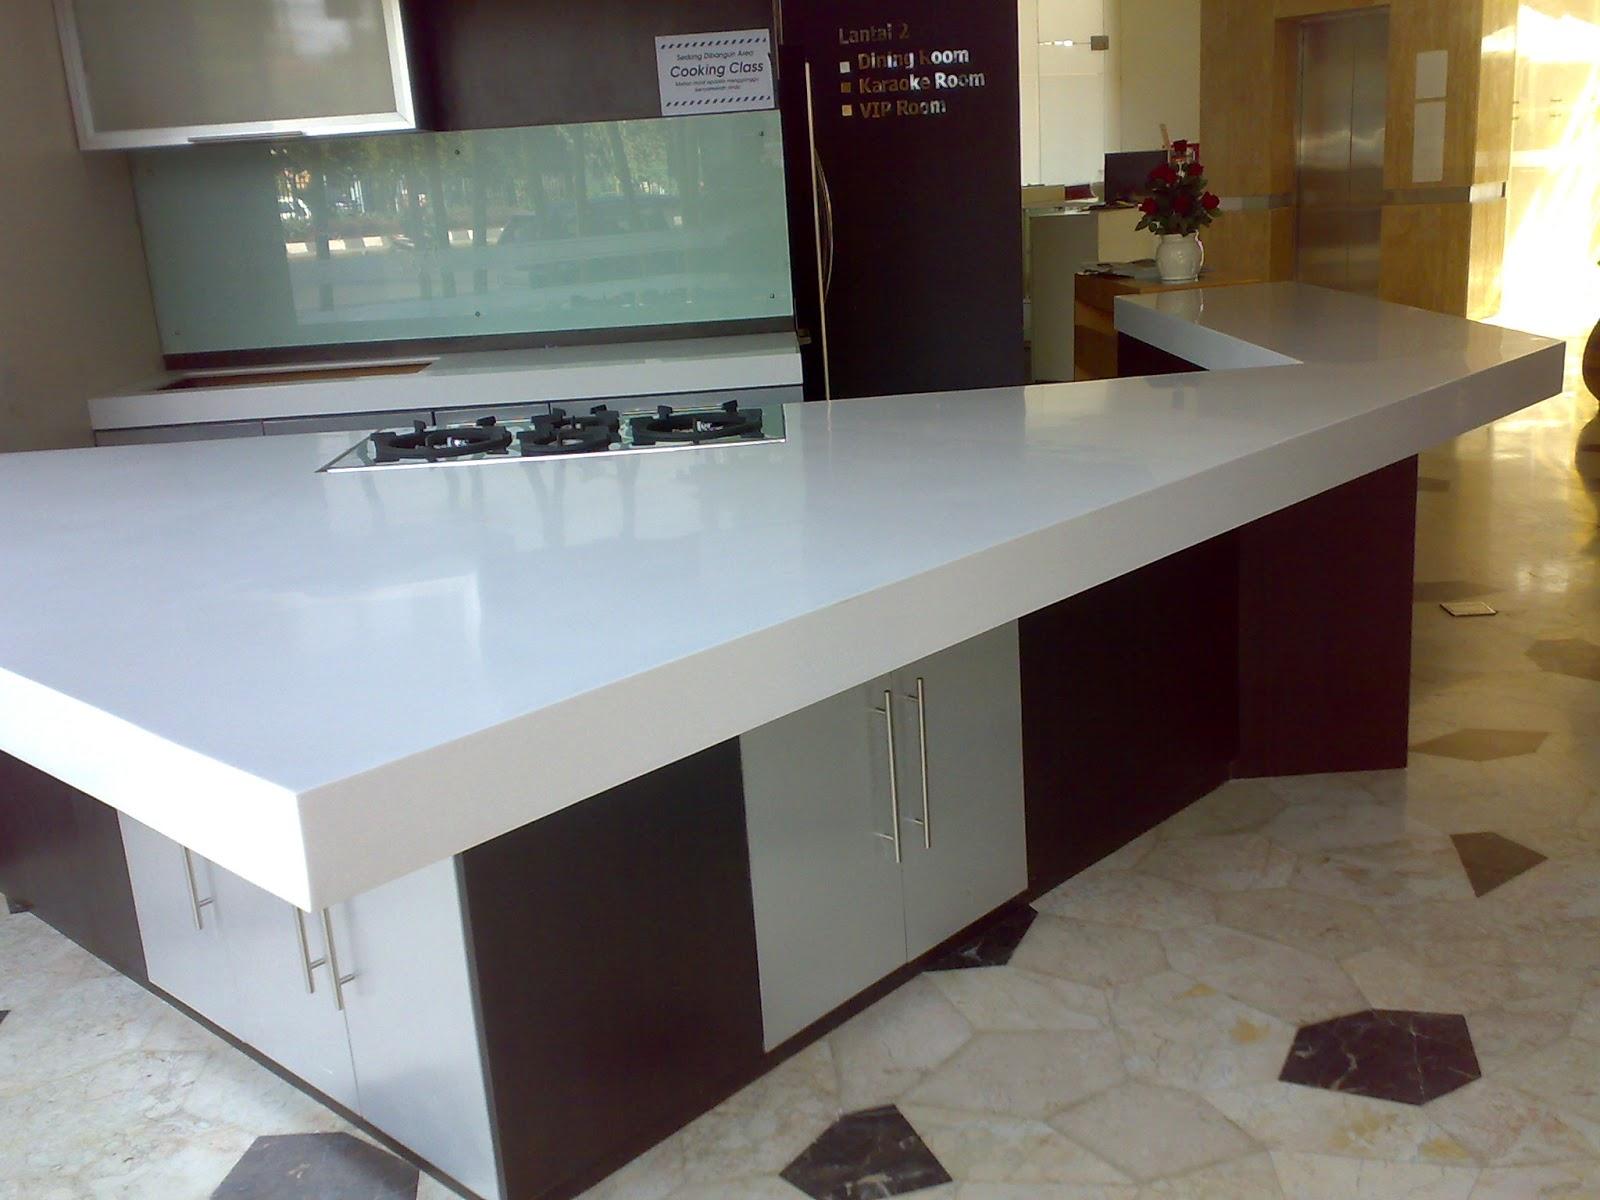 Desain Meja Ruang Dapur Minimalis INFO BISNIS TERBARU